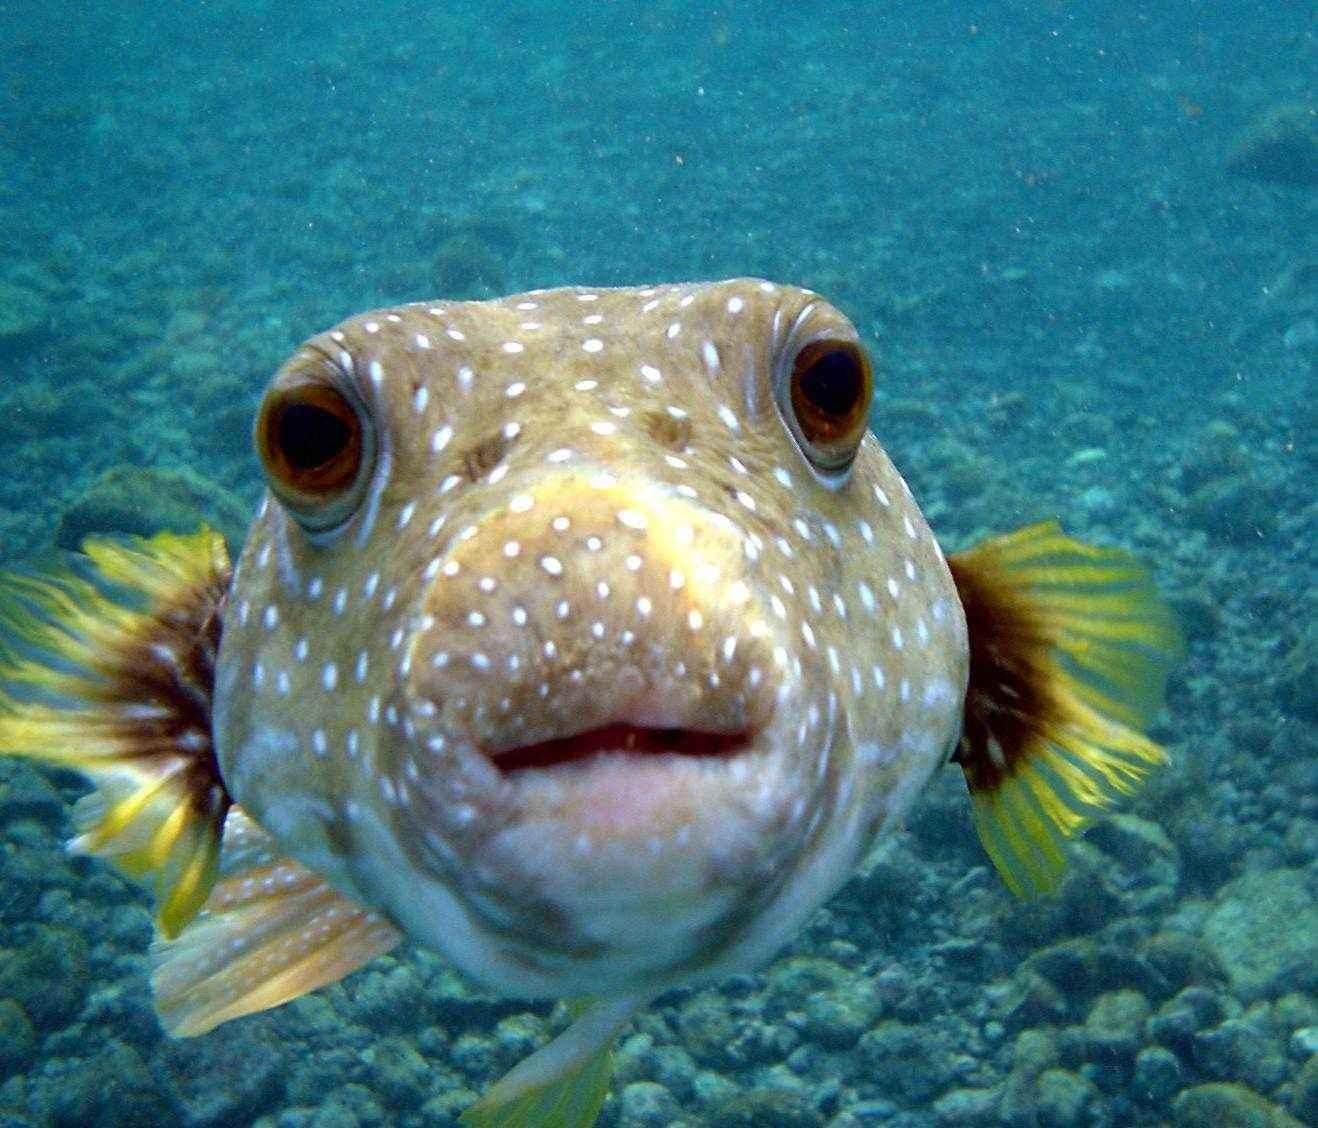 ТОП-16 смертоносных и ядовитых рыб на Земле 11